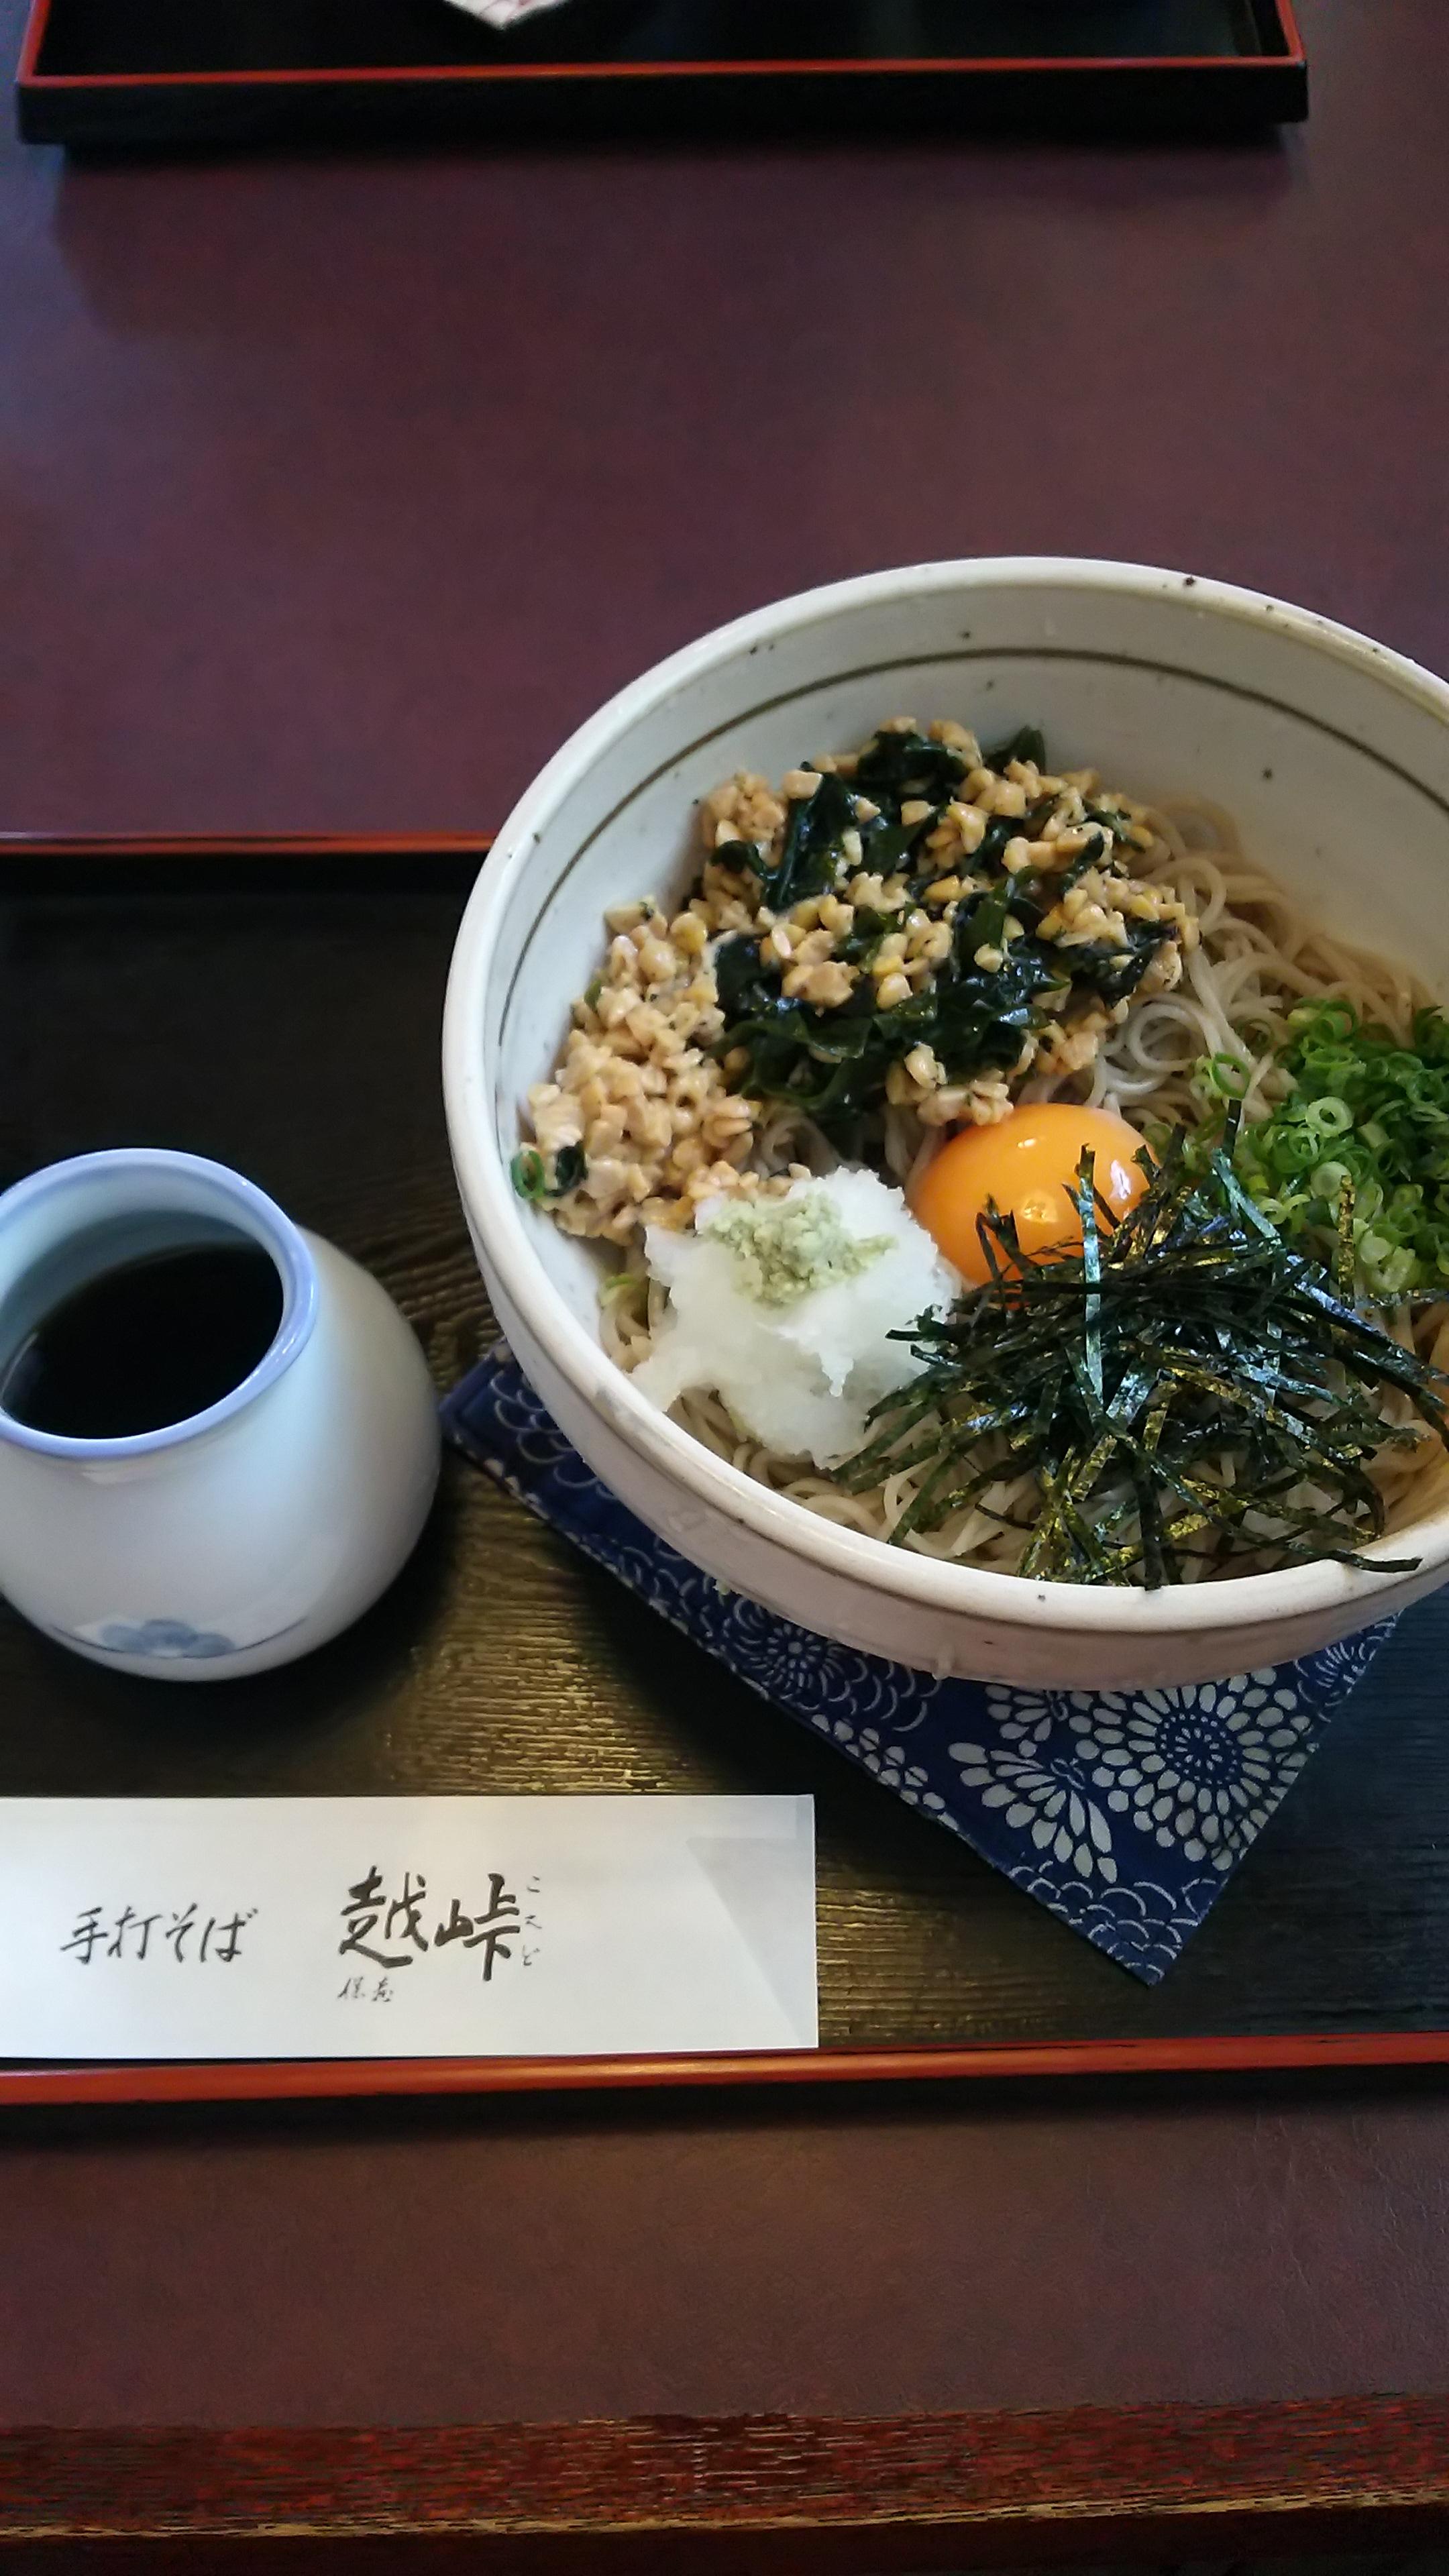 【レビュー】神奈川県伊勢原市 手打ち蕎麦 越峠(こえど)に来てみた